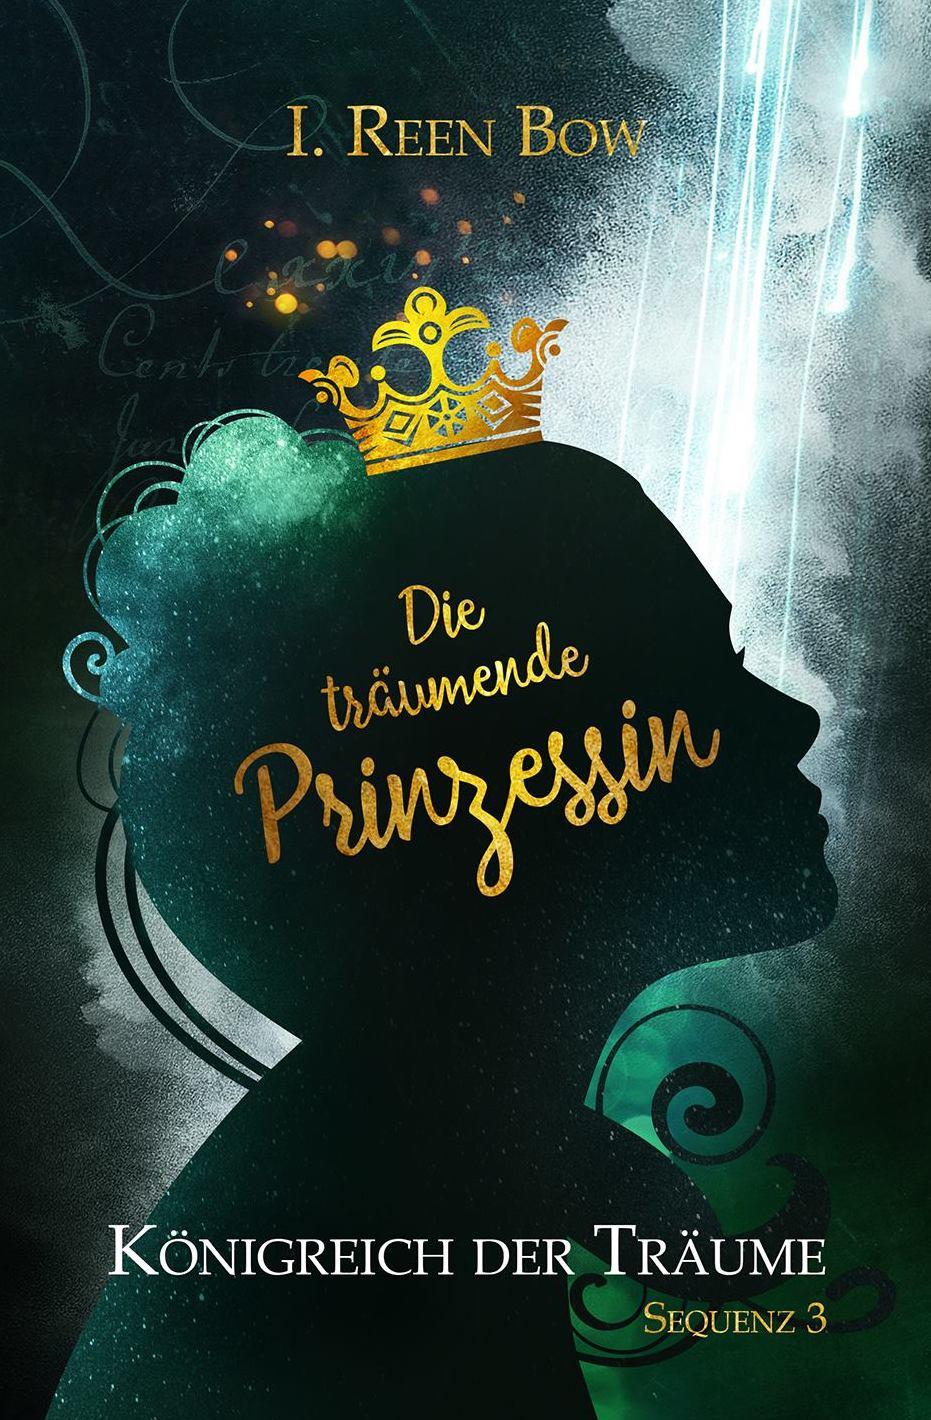 Die träumende Prinzessin